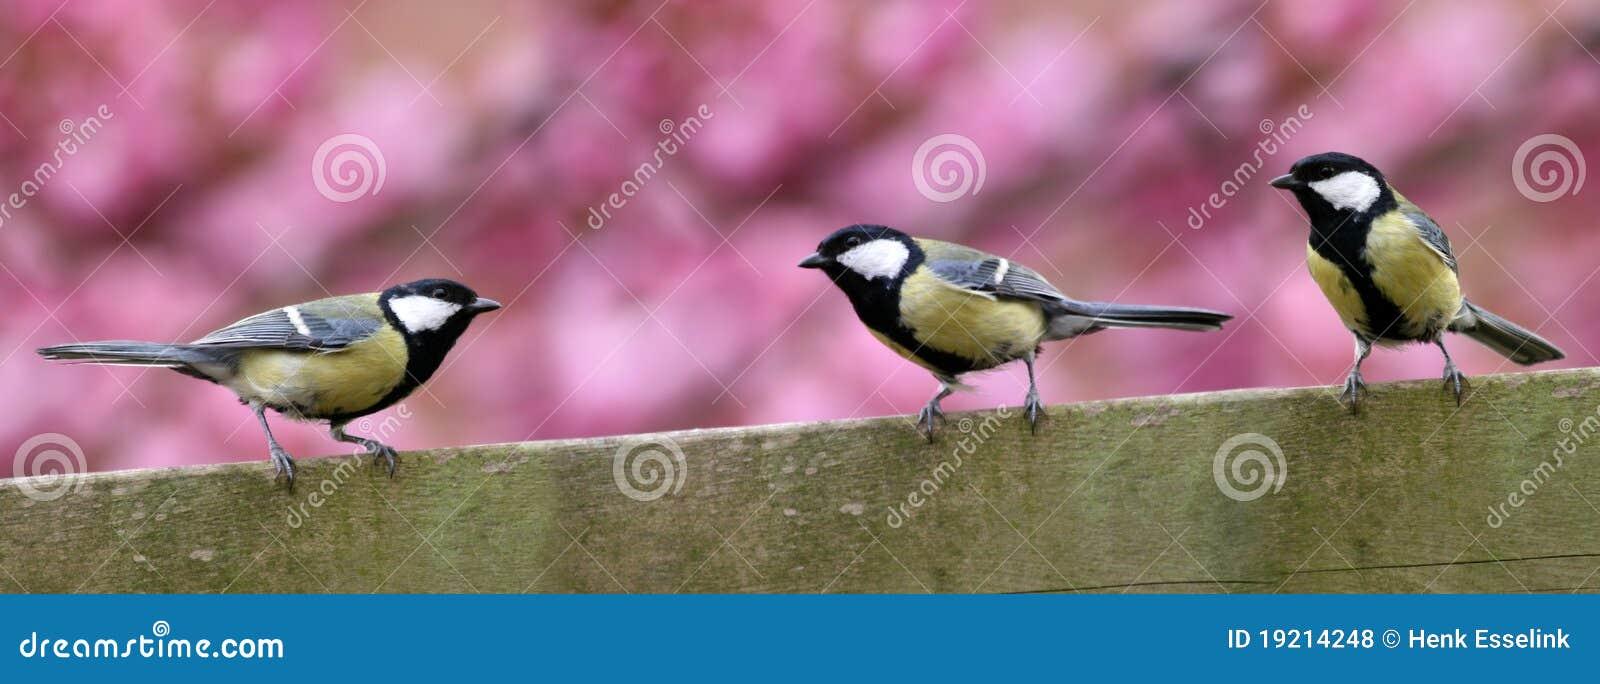 Drei Gartenvögel auf Zaun